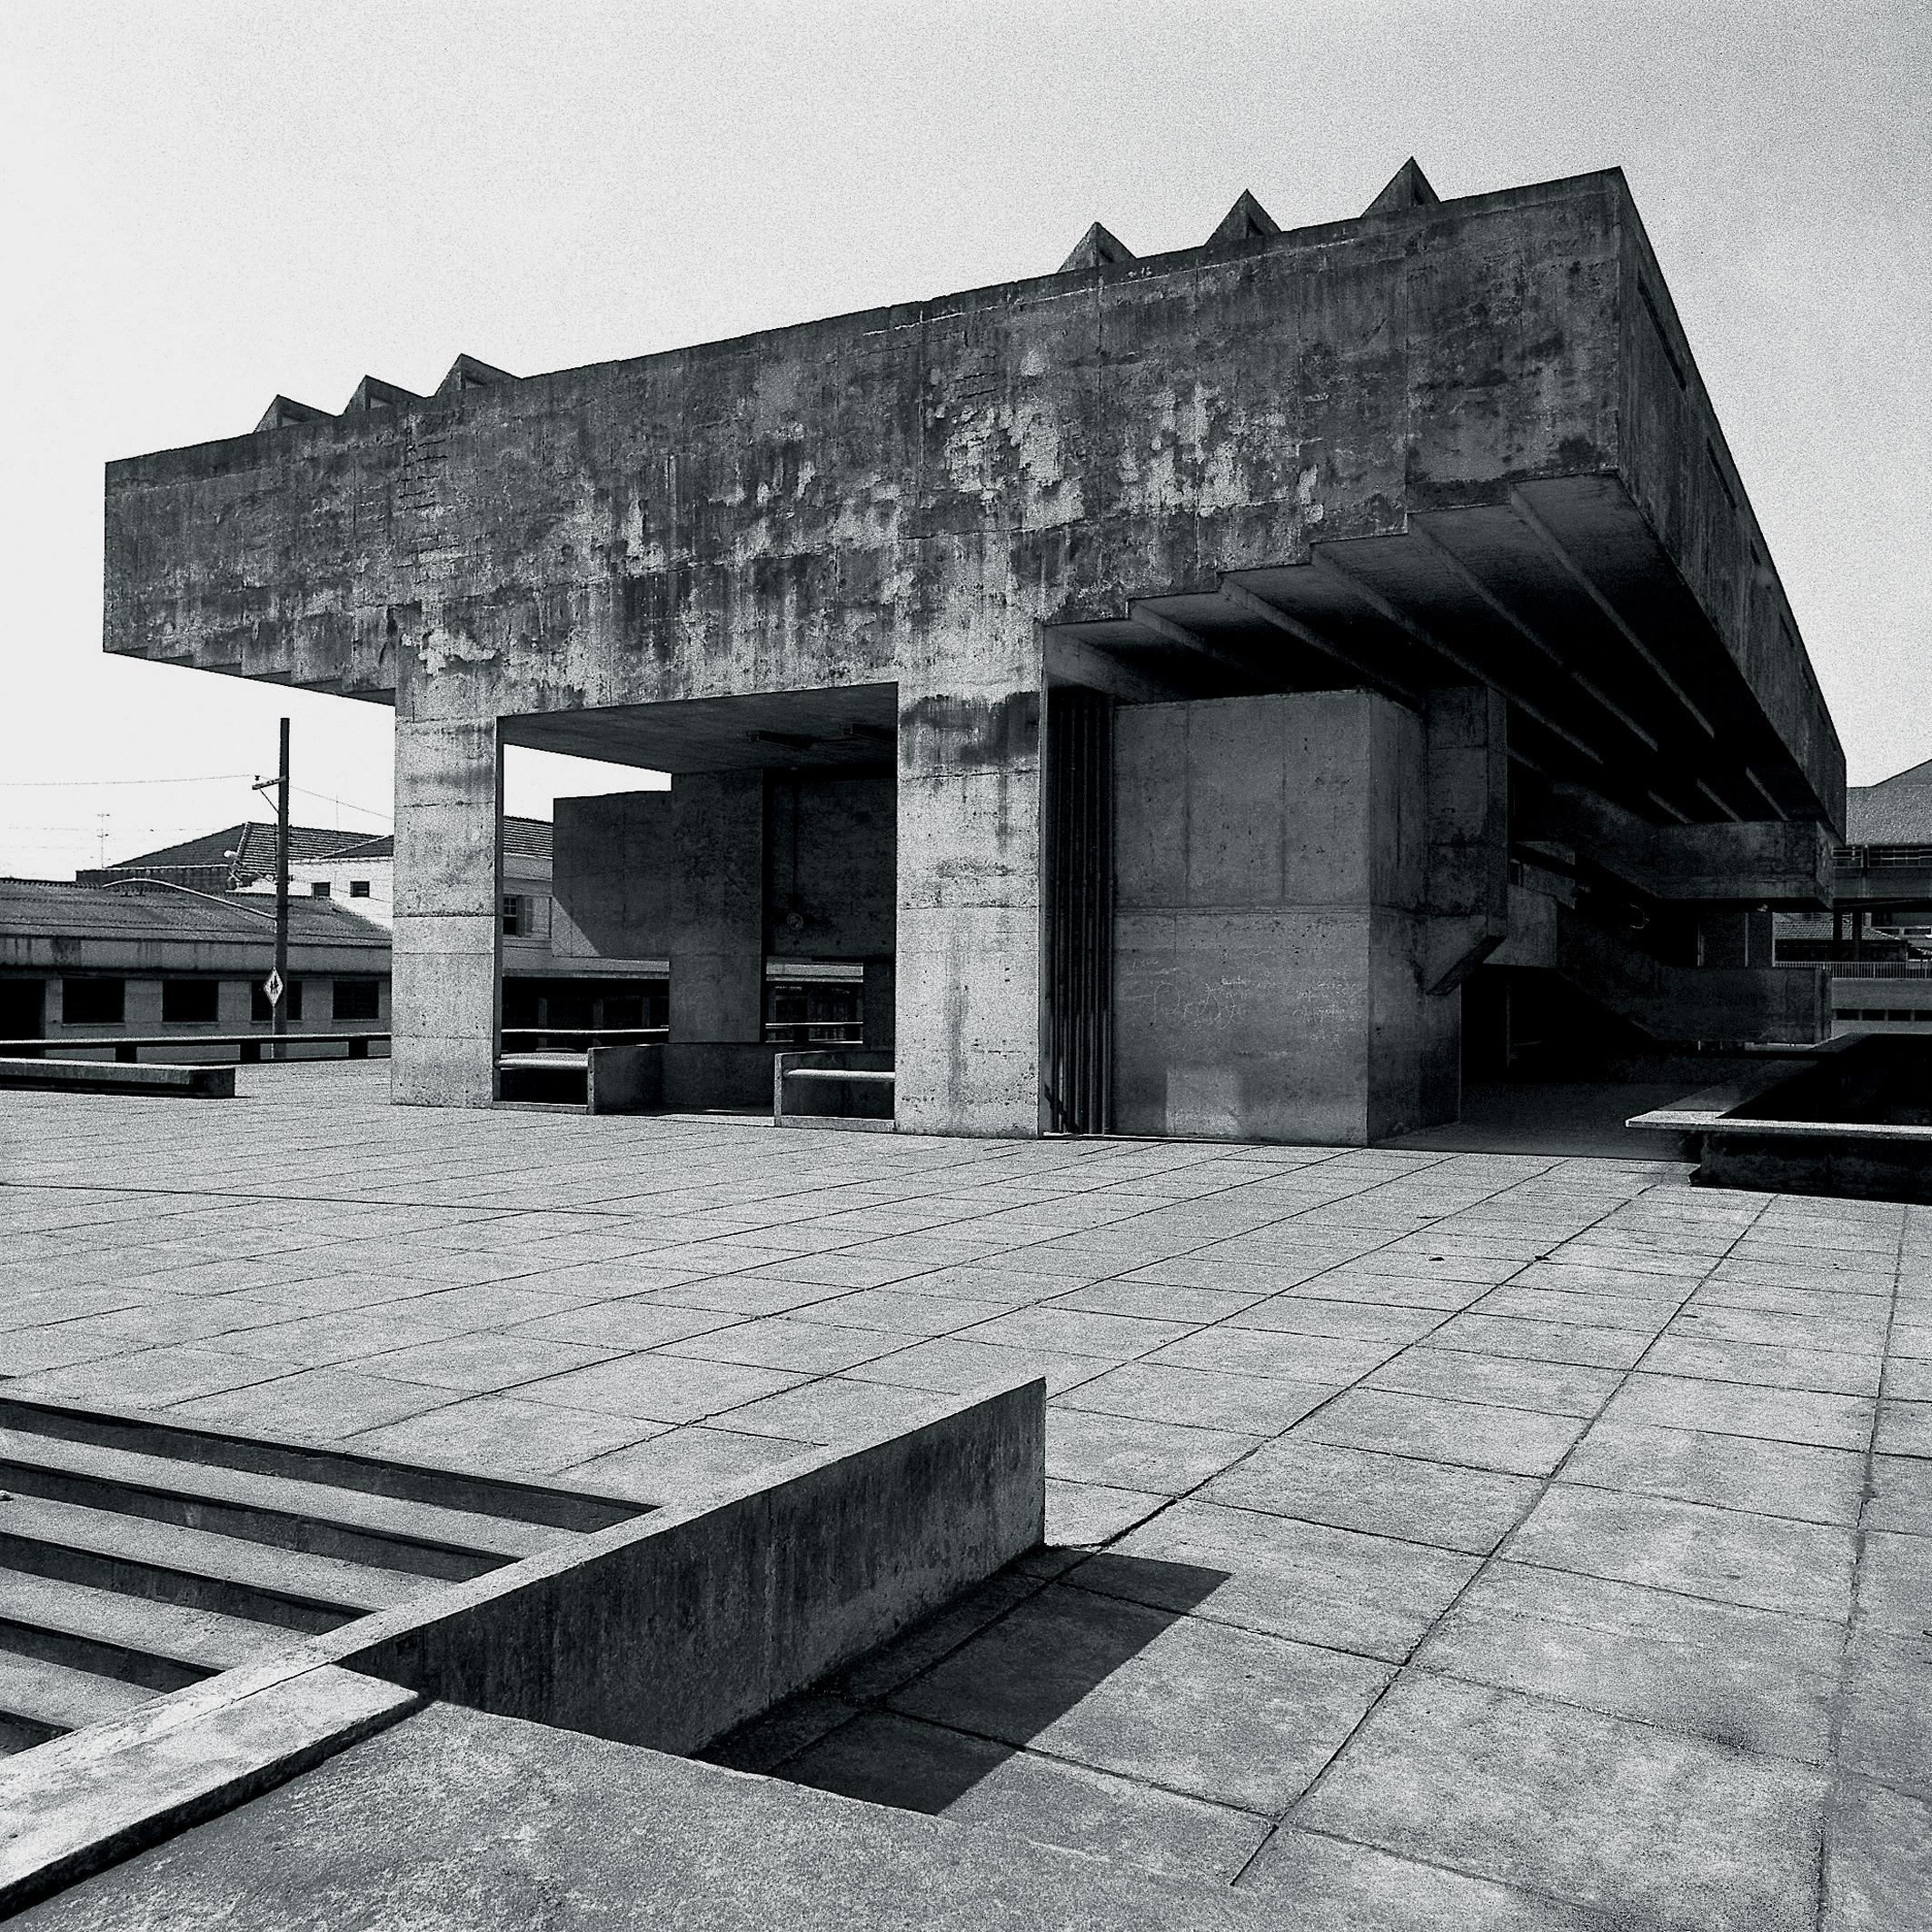 Clássicos da Arquitetura: Escola Técnica de Comércio / Decio Tozzi, Cortesia Decio Tozzi